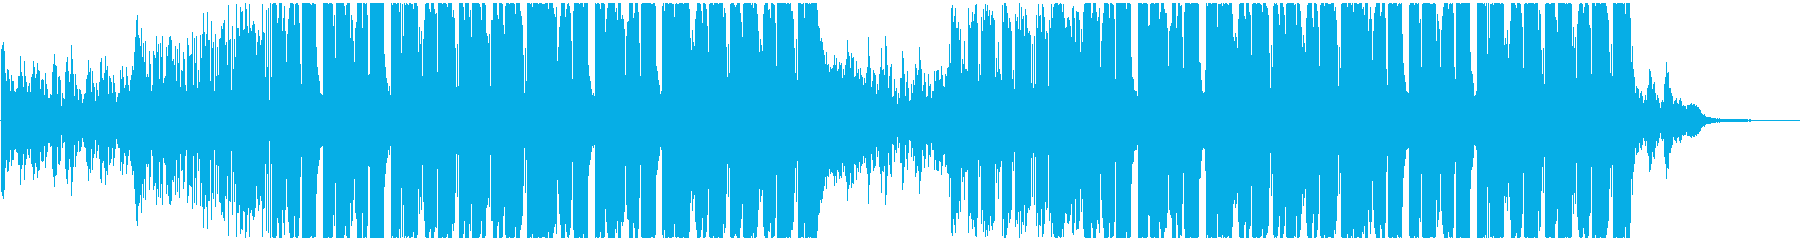 ドラム & ベース ジャングル ア...の再生済みの波形